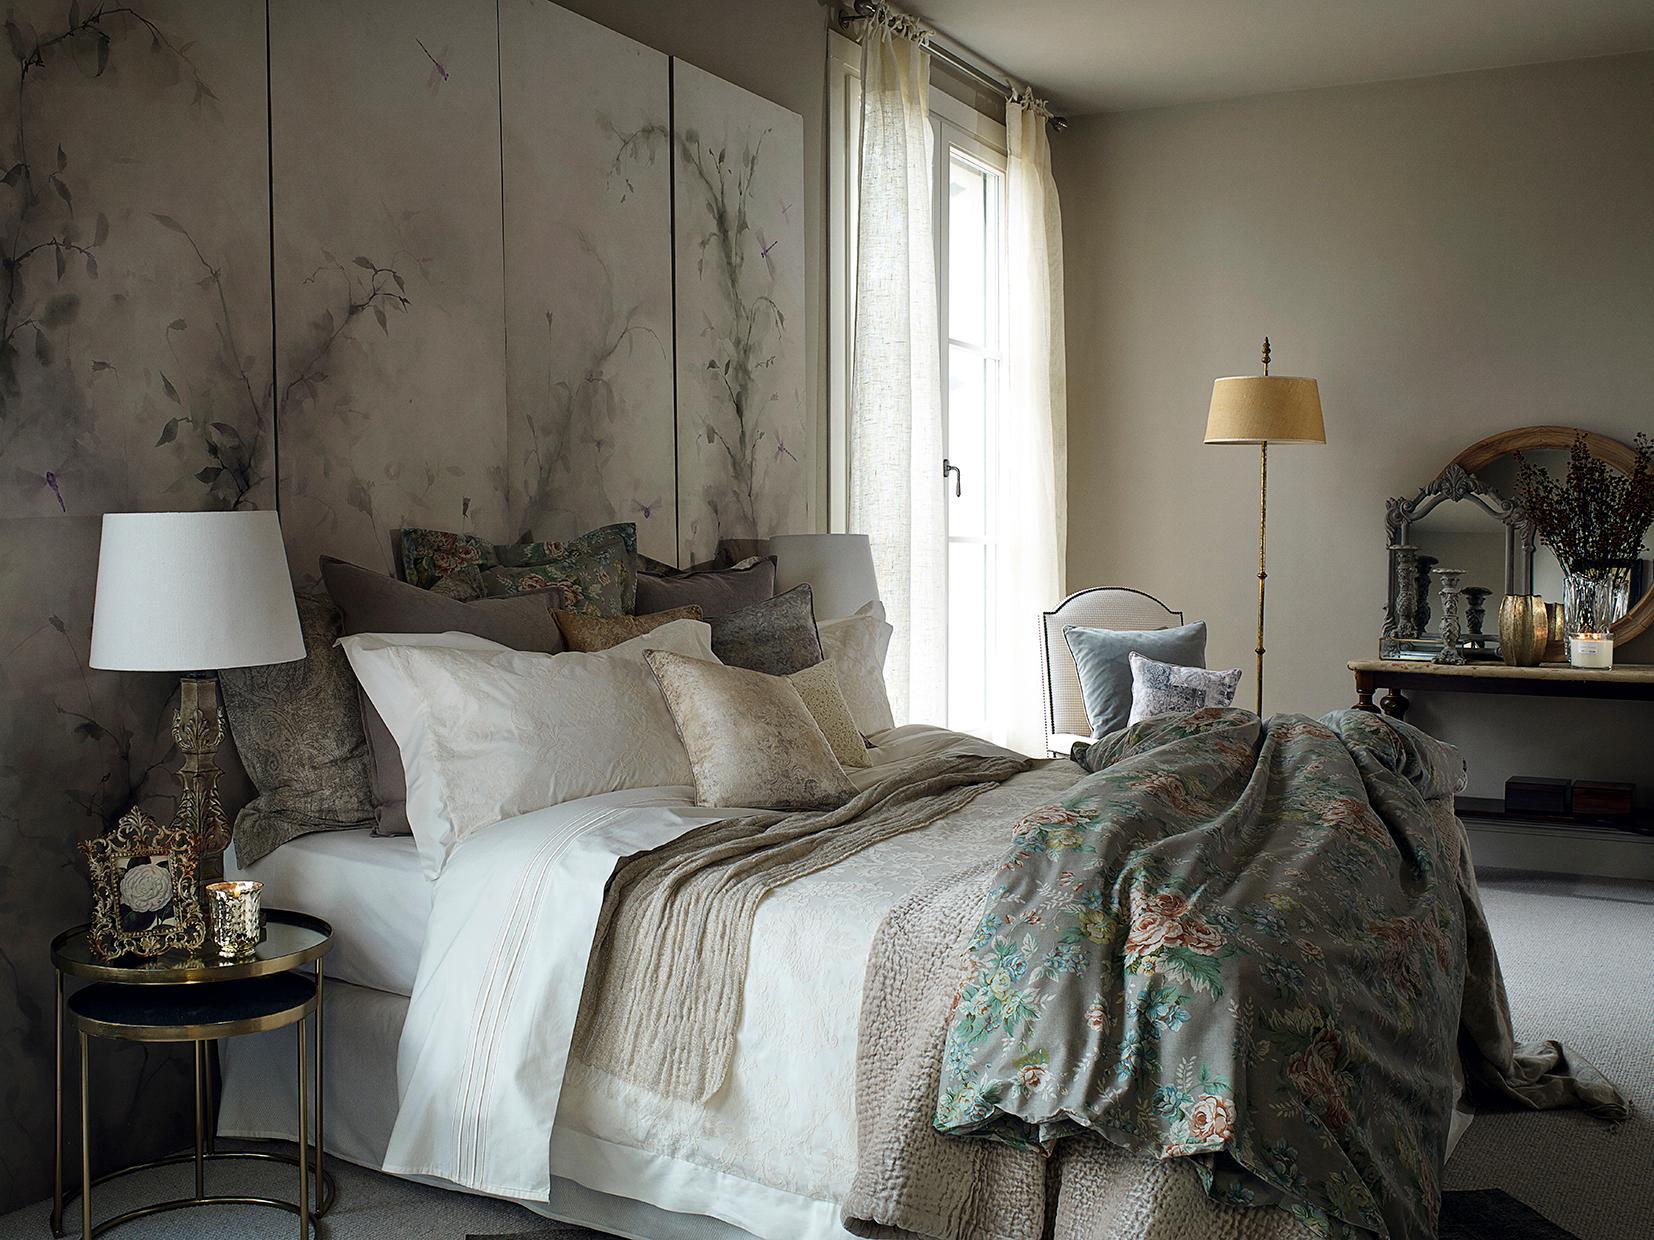 dezente farben im schlafzimmer kissen fotowand za. Black Bedroom Furniture Sets. Home Design Ideas